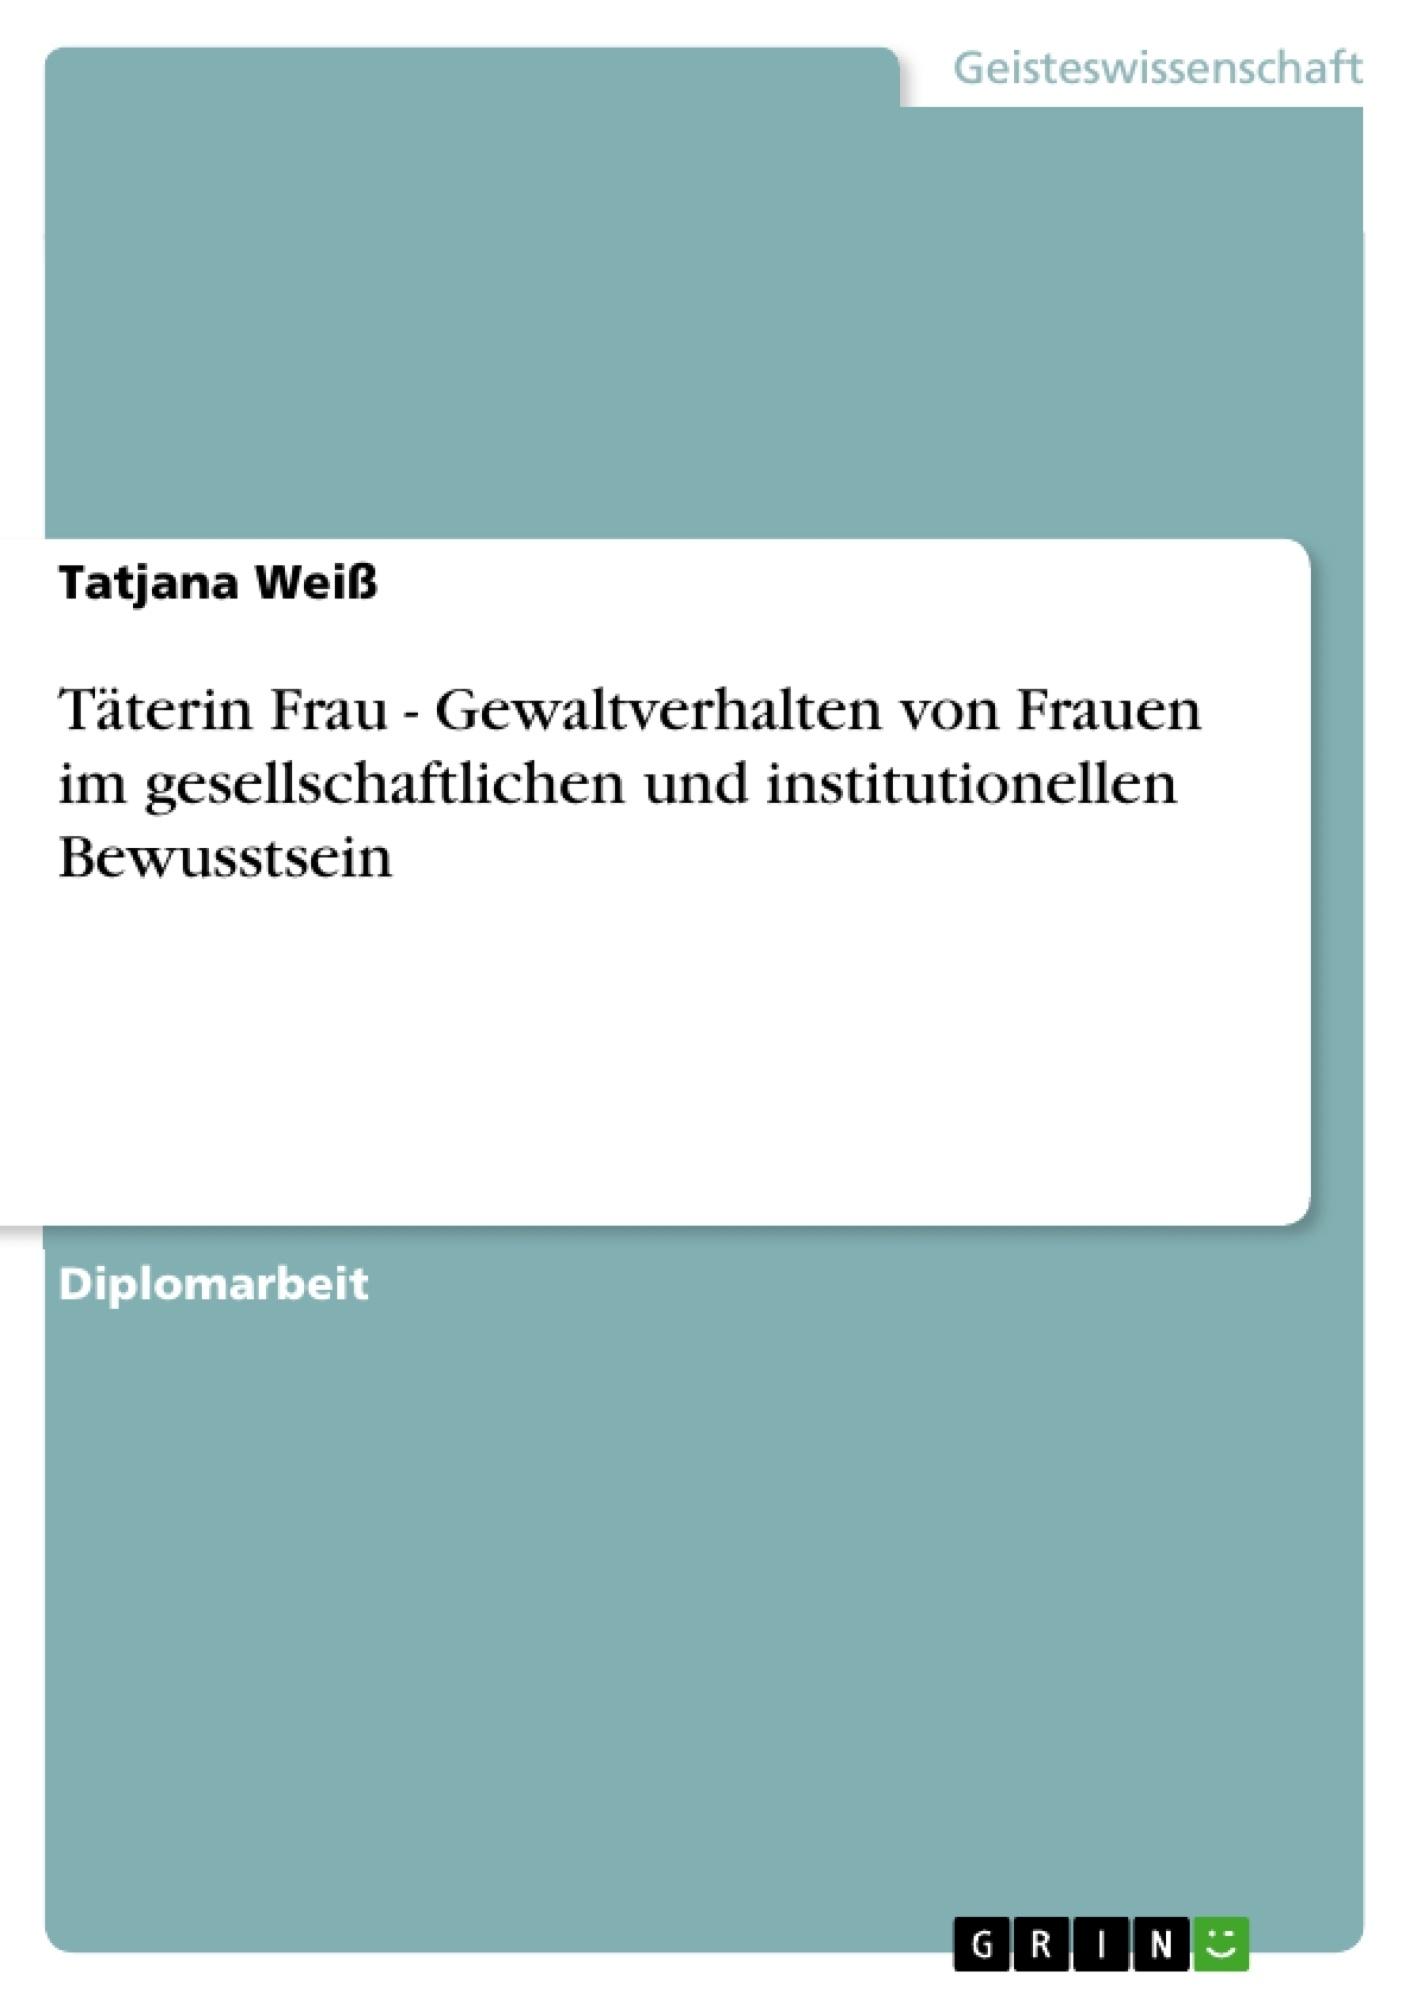 Titel: Täterin Frau - Gewaltverhalten von Frauen im gesellschaftlichen und institutionellen Bewusstsein